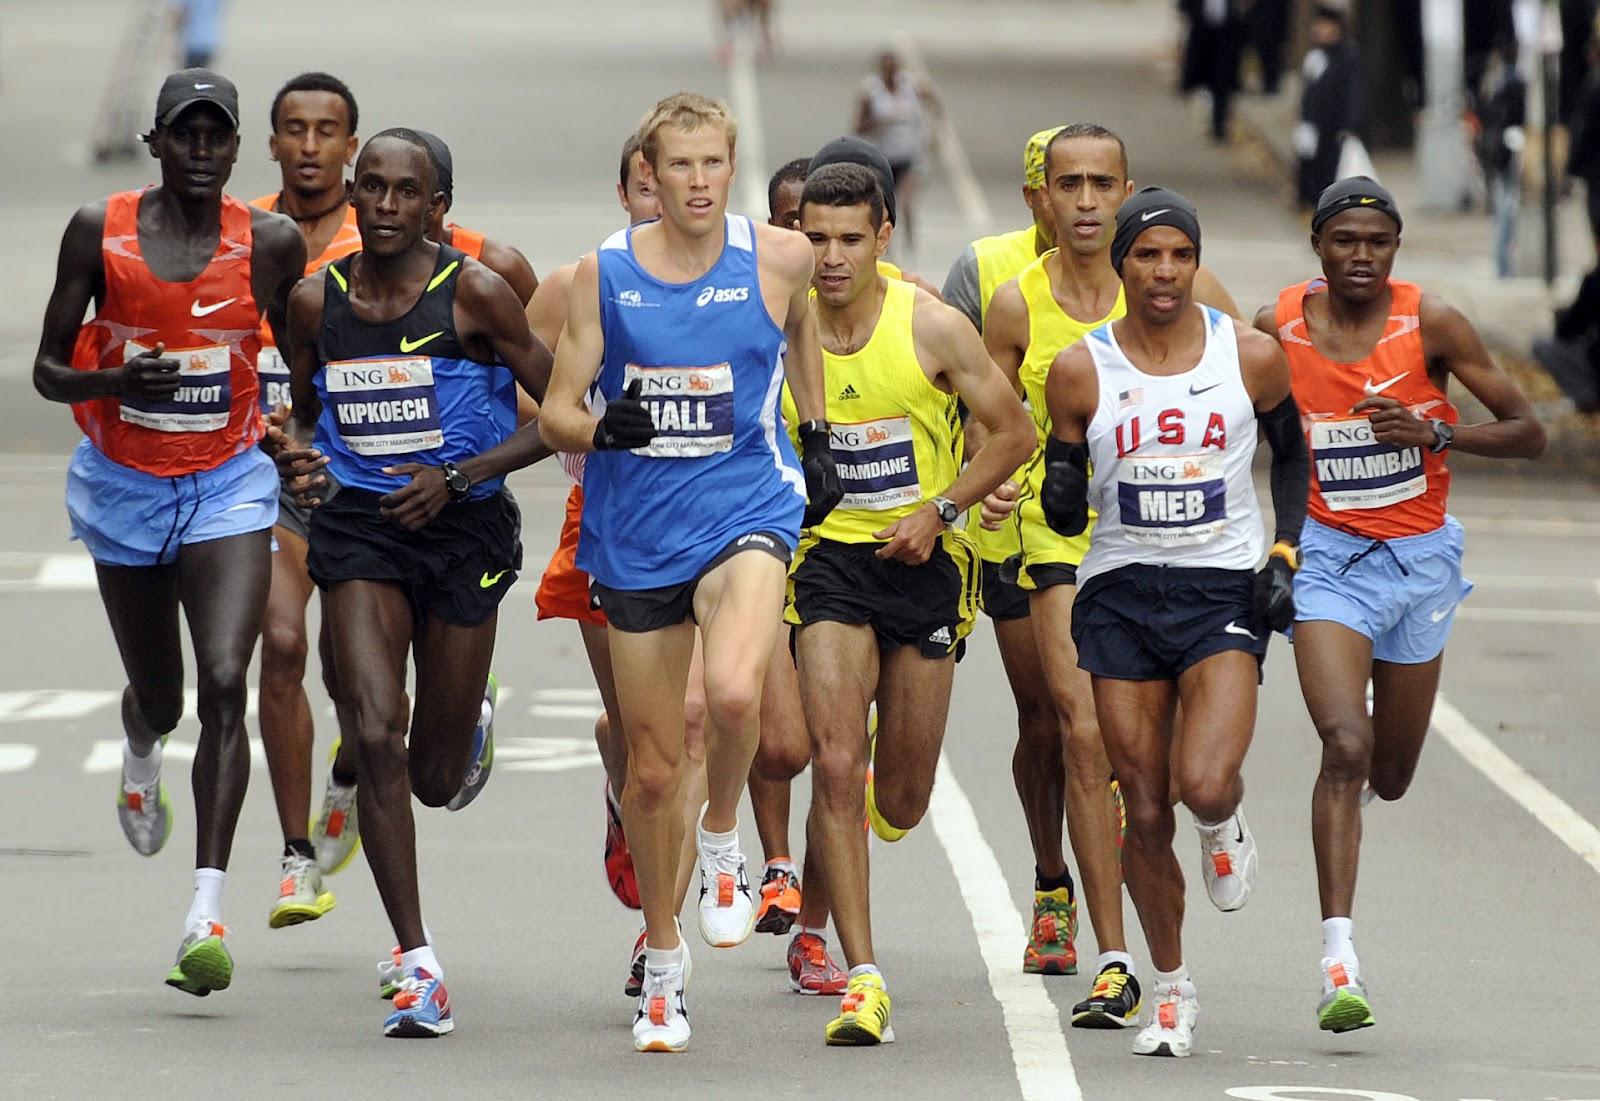 Marathon Running Wallpaper running desktop backgrounds Desktop 1600x1101